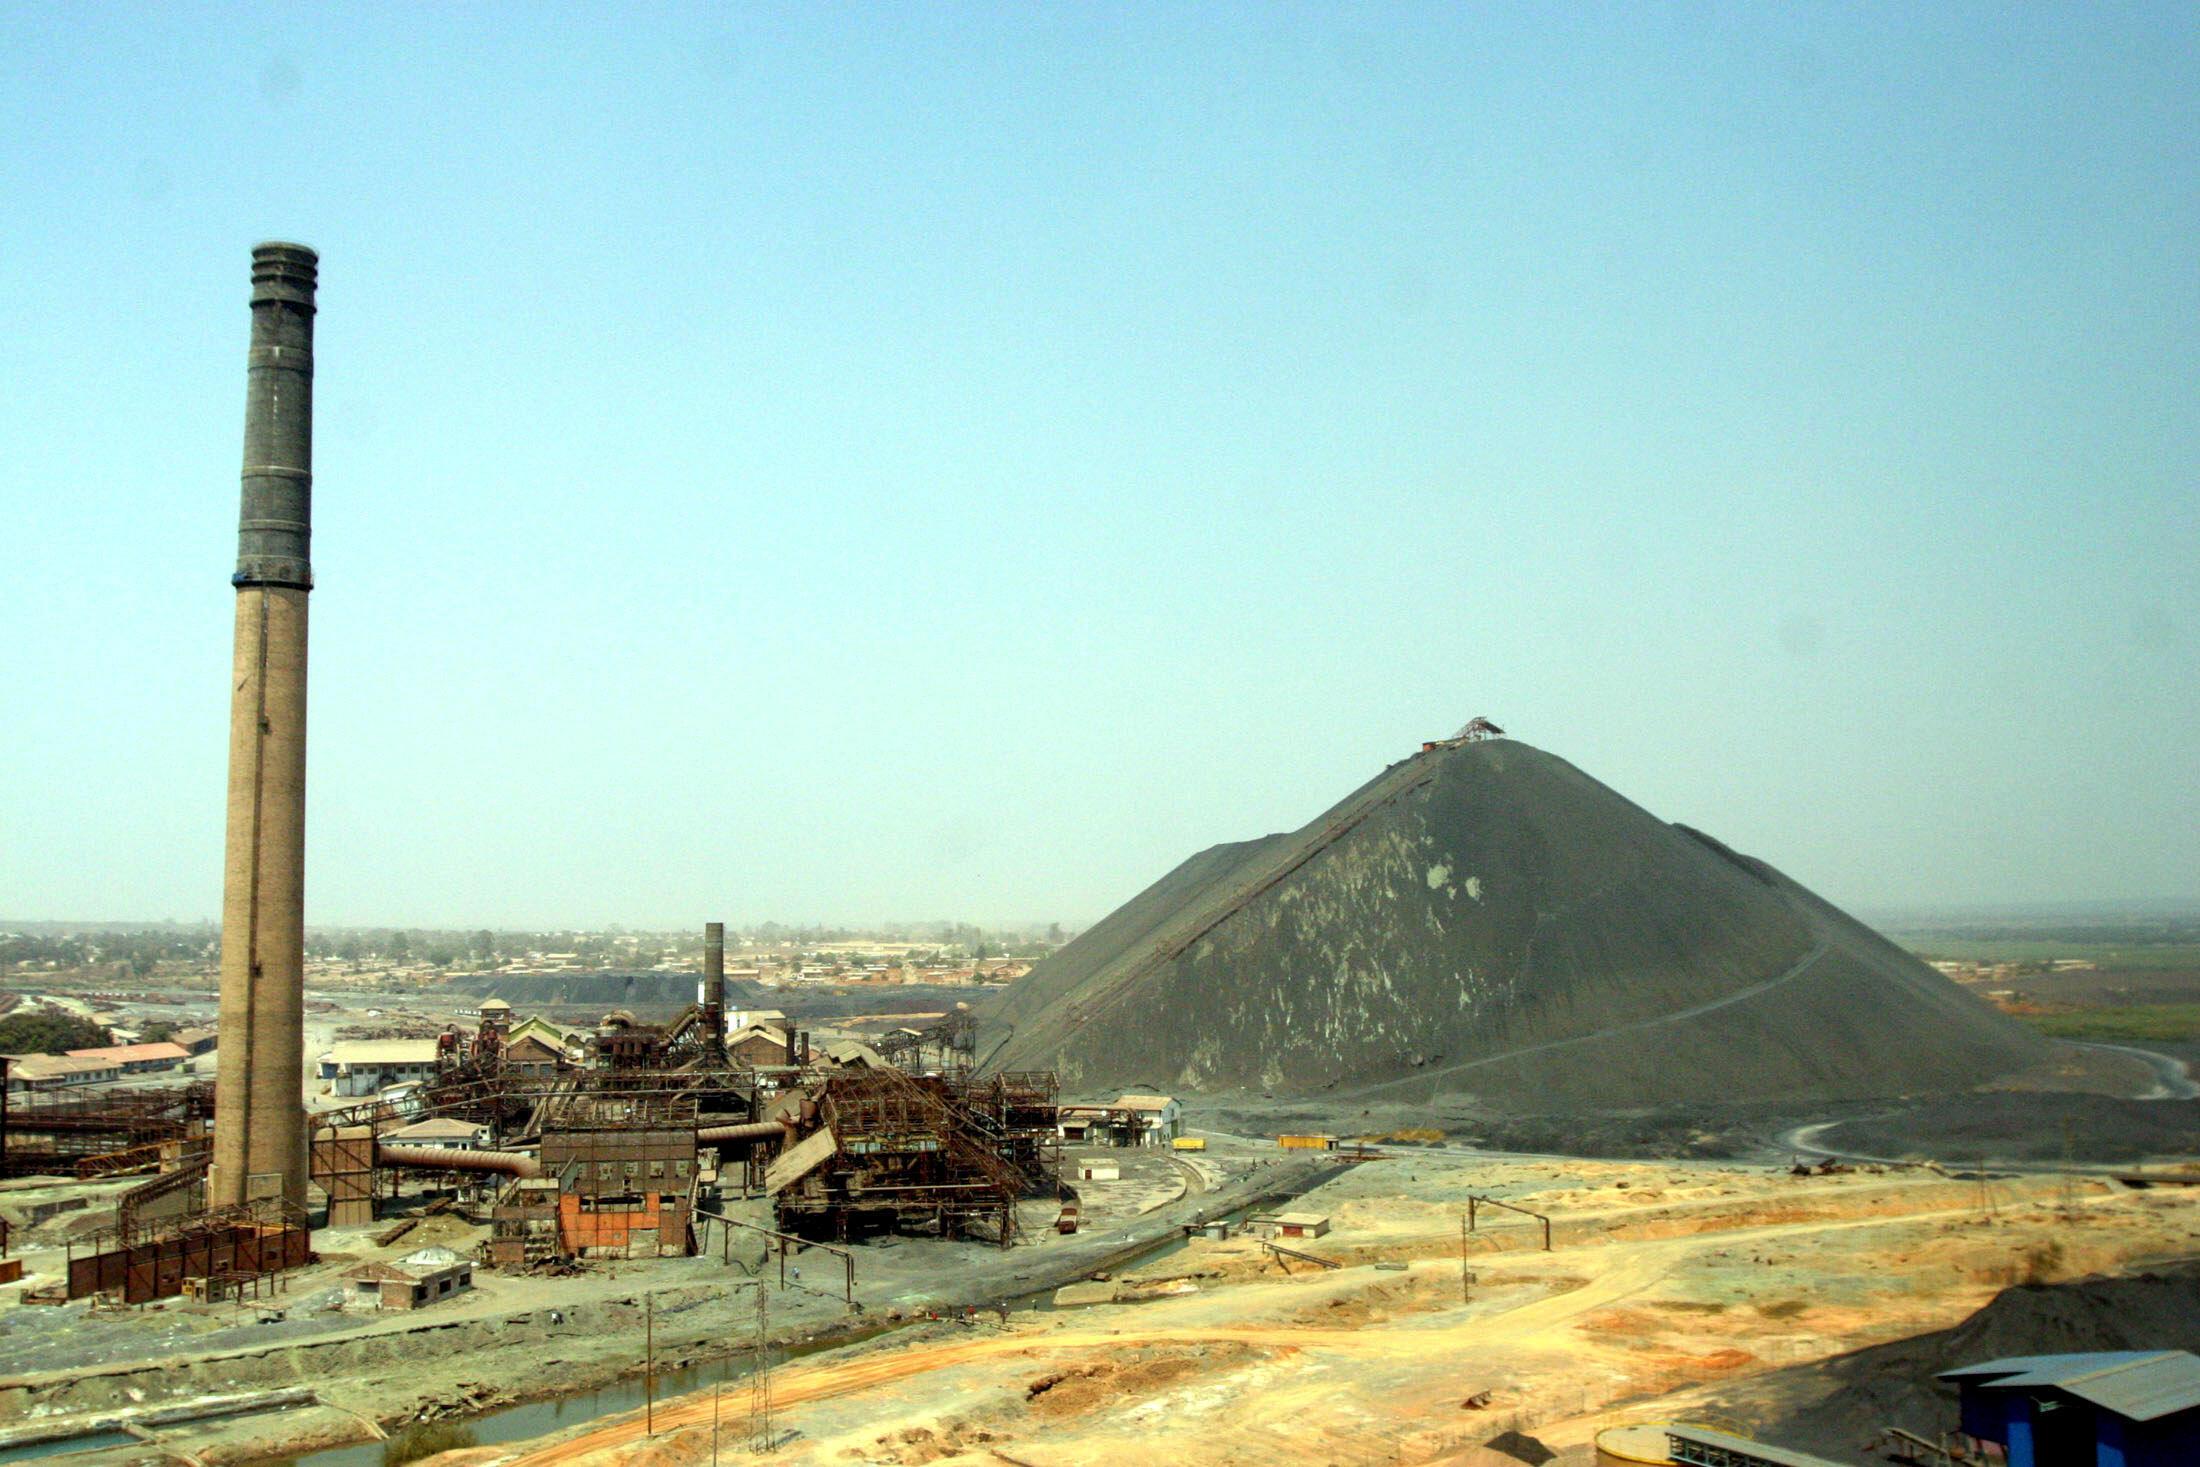 存档图片: 刚果(金)卢本巴希的铜矿。摄于2005年8月 Image d'archive: La mine de cuivre, à Lubumbashi, en RDC. Photo prise en août 2005.